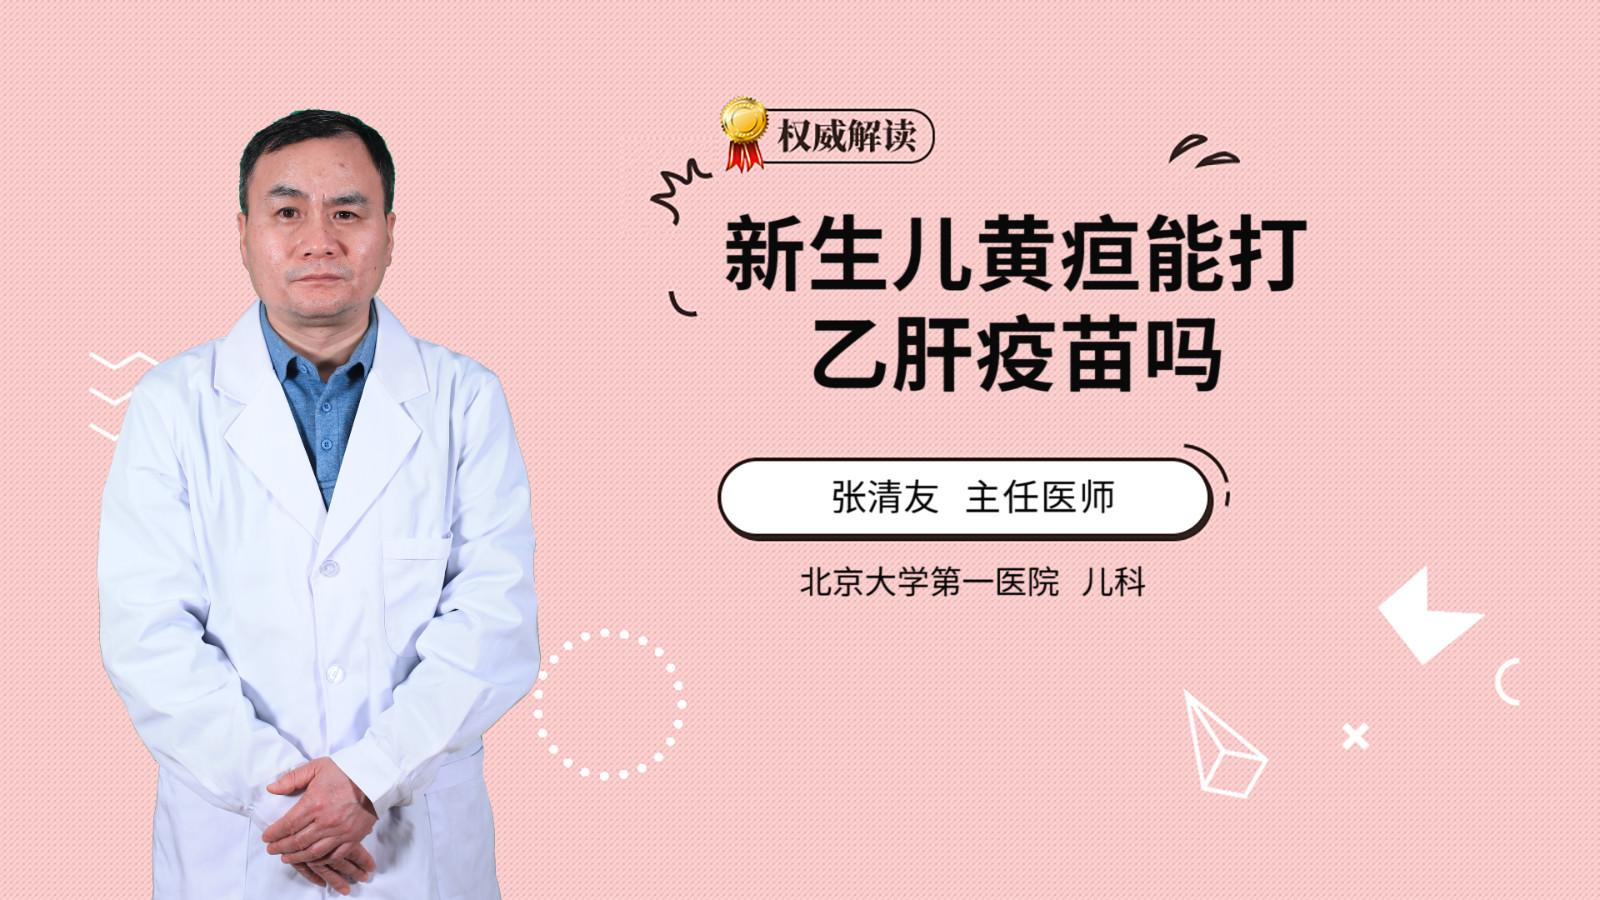 新生儿黄疸能打乙肝疫苗吗